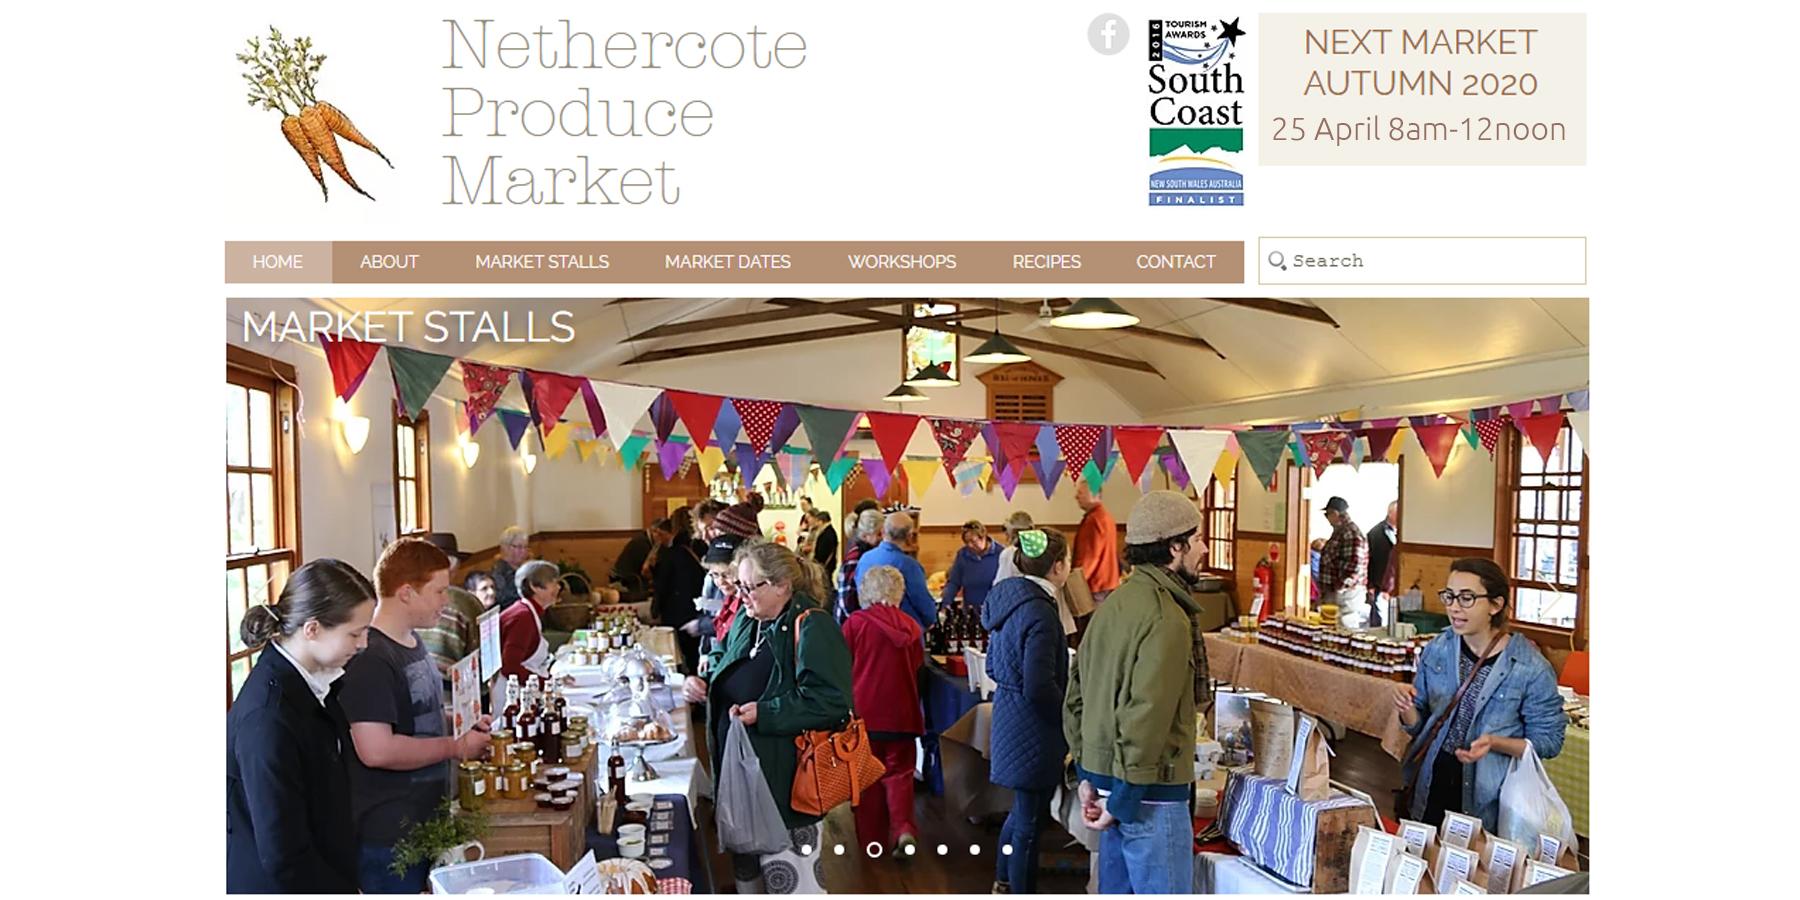 2_nethercotemarket1800x900